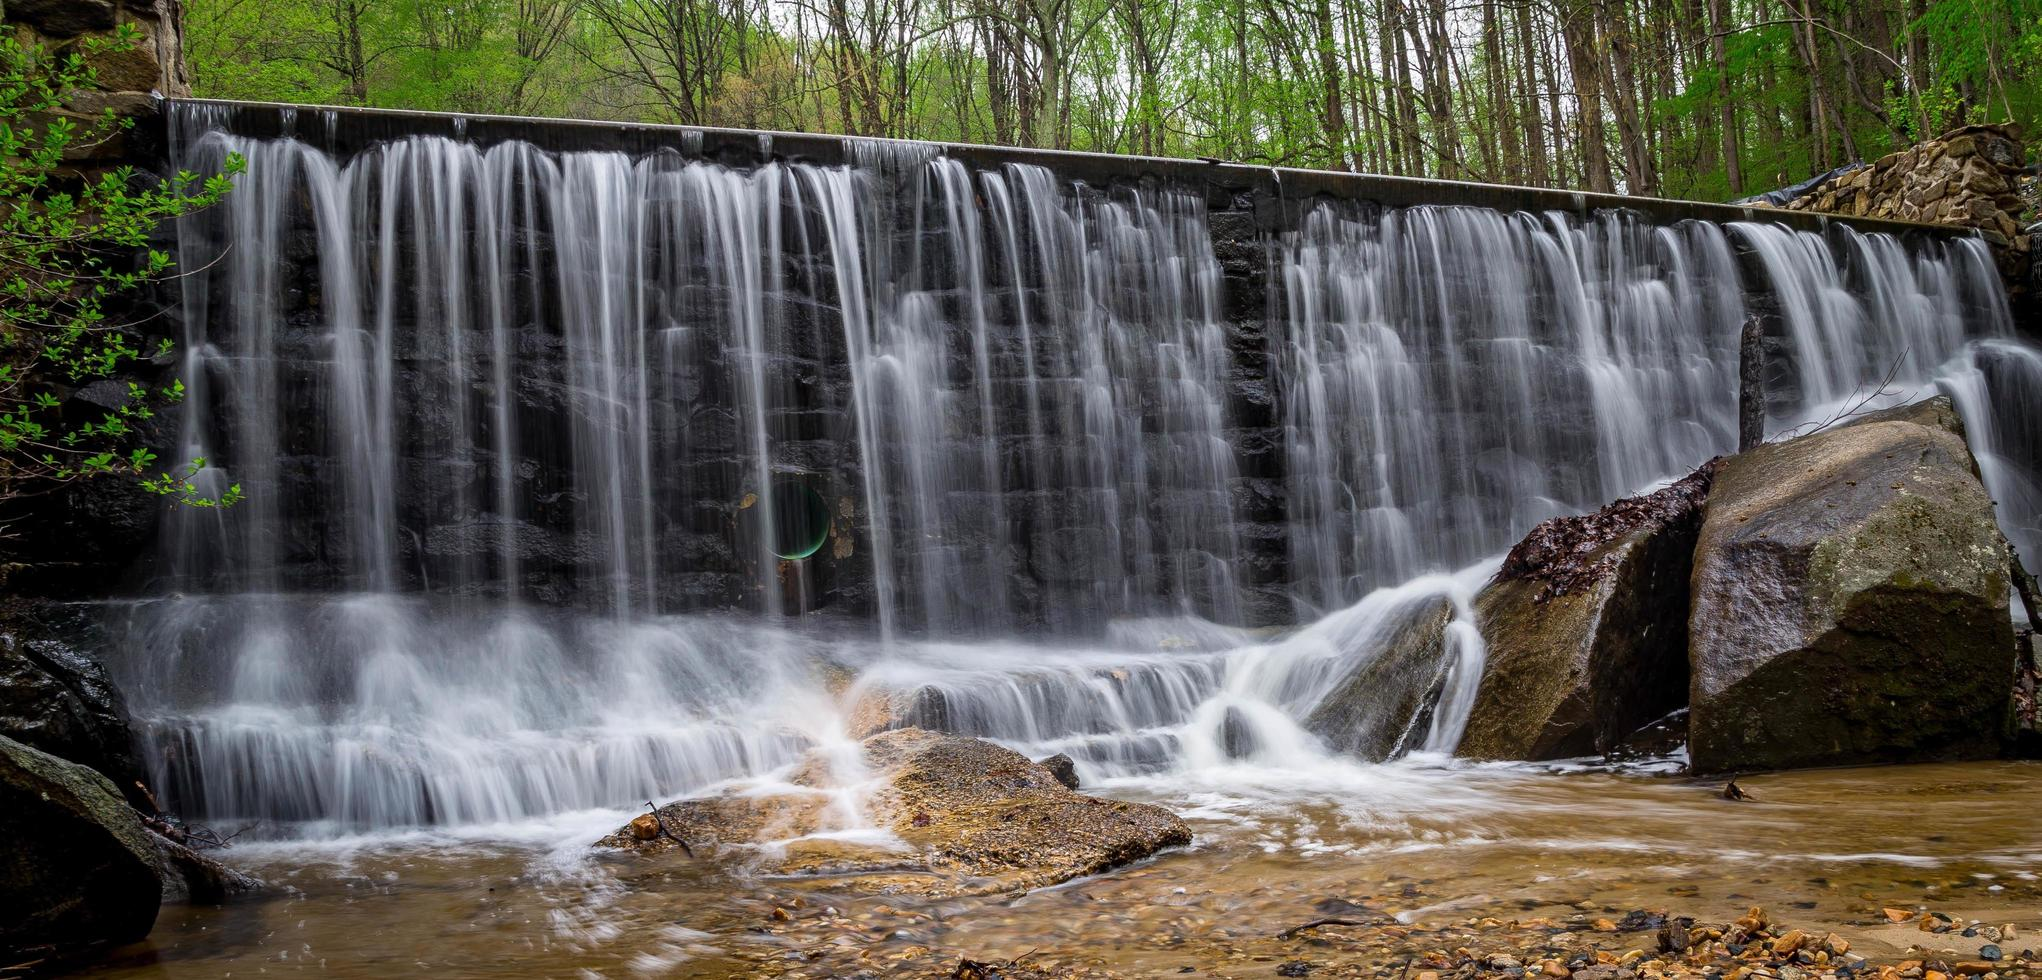 cascade au parc d'état de susquehanna photo